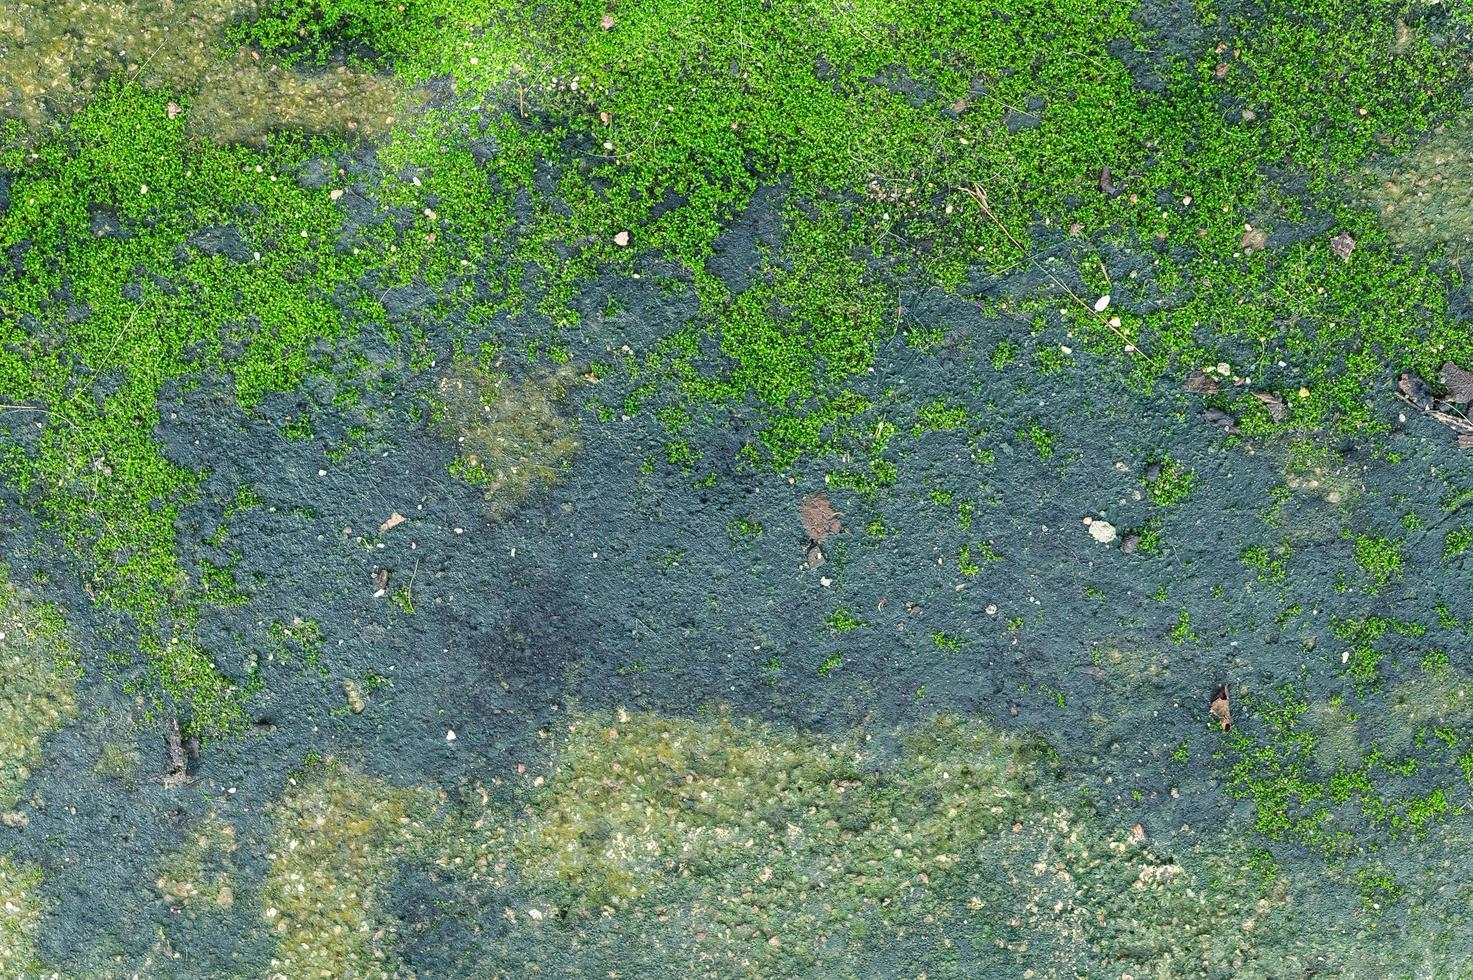 la mousse pousse sur le sol en ciment. photo